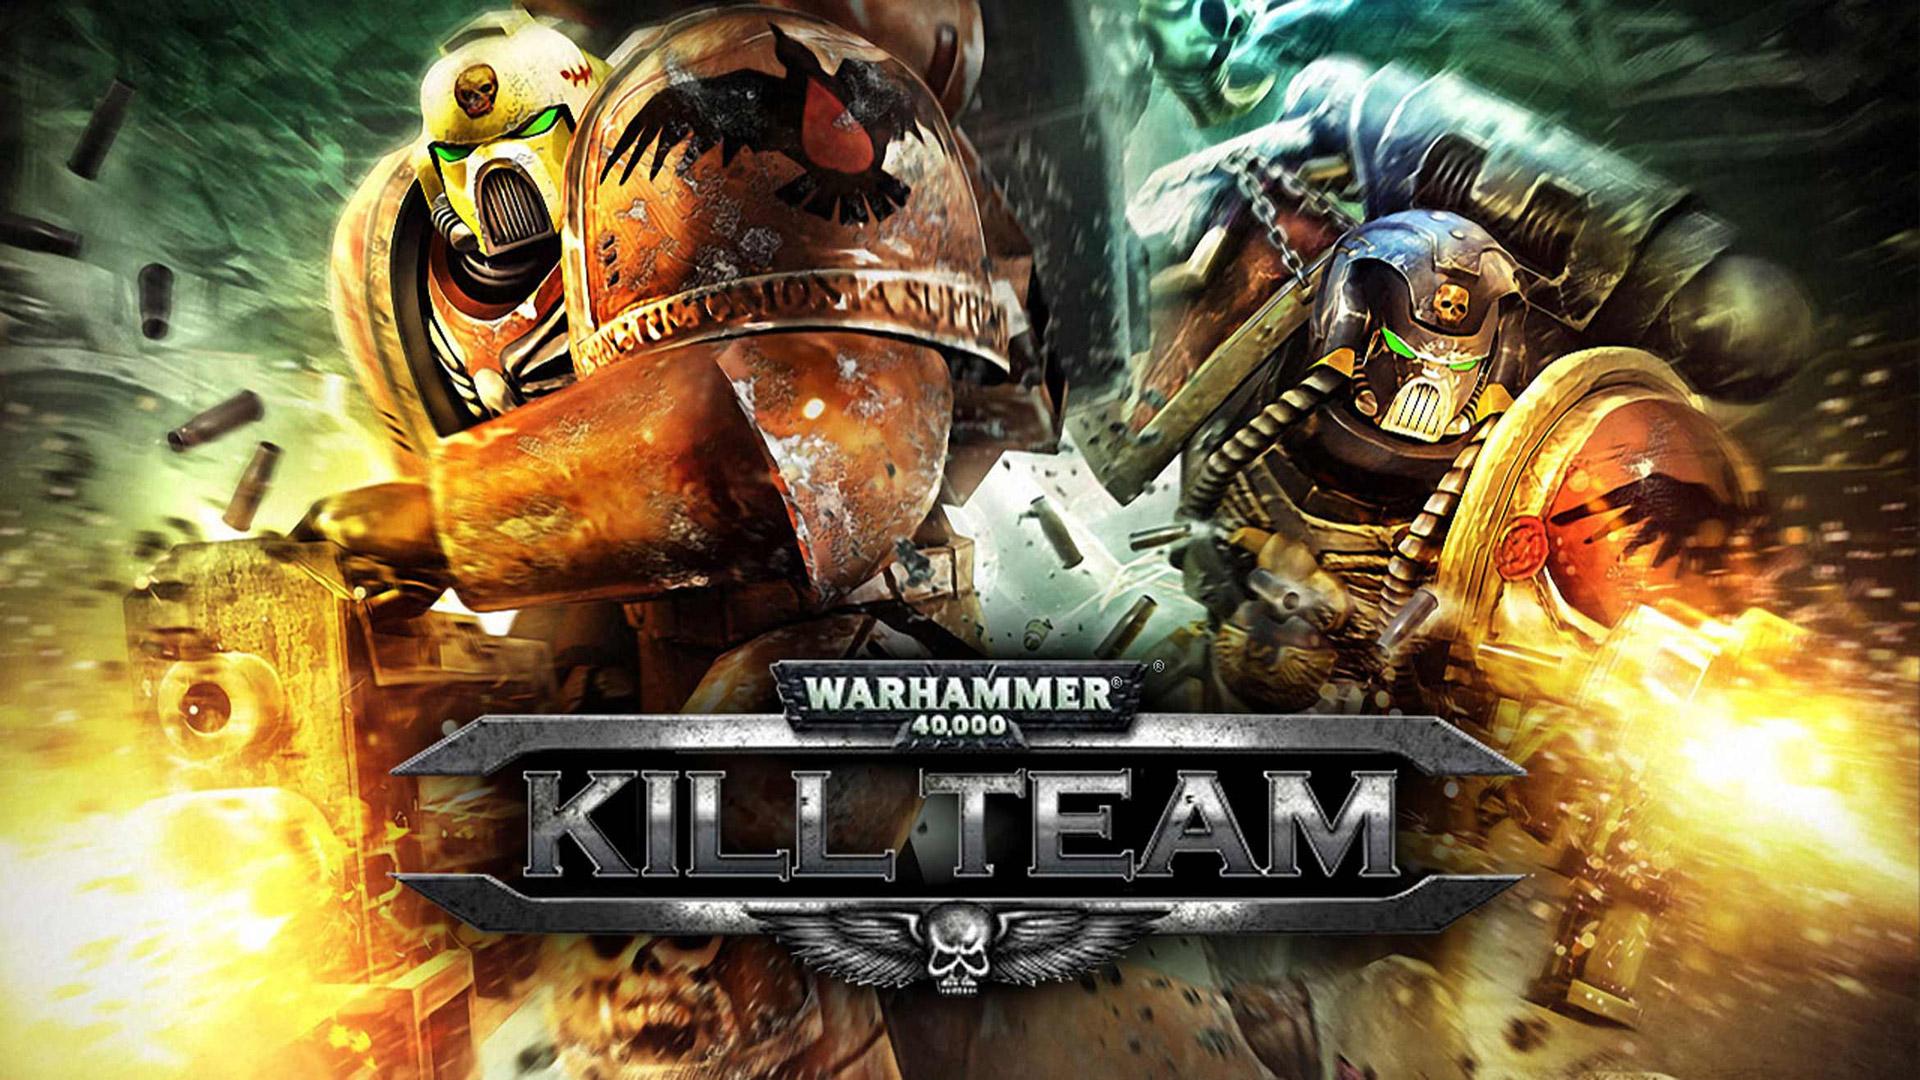 Free Warhammer 40,000: Kill Team Wallpaper in 1920x1080